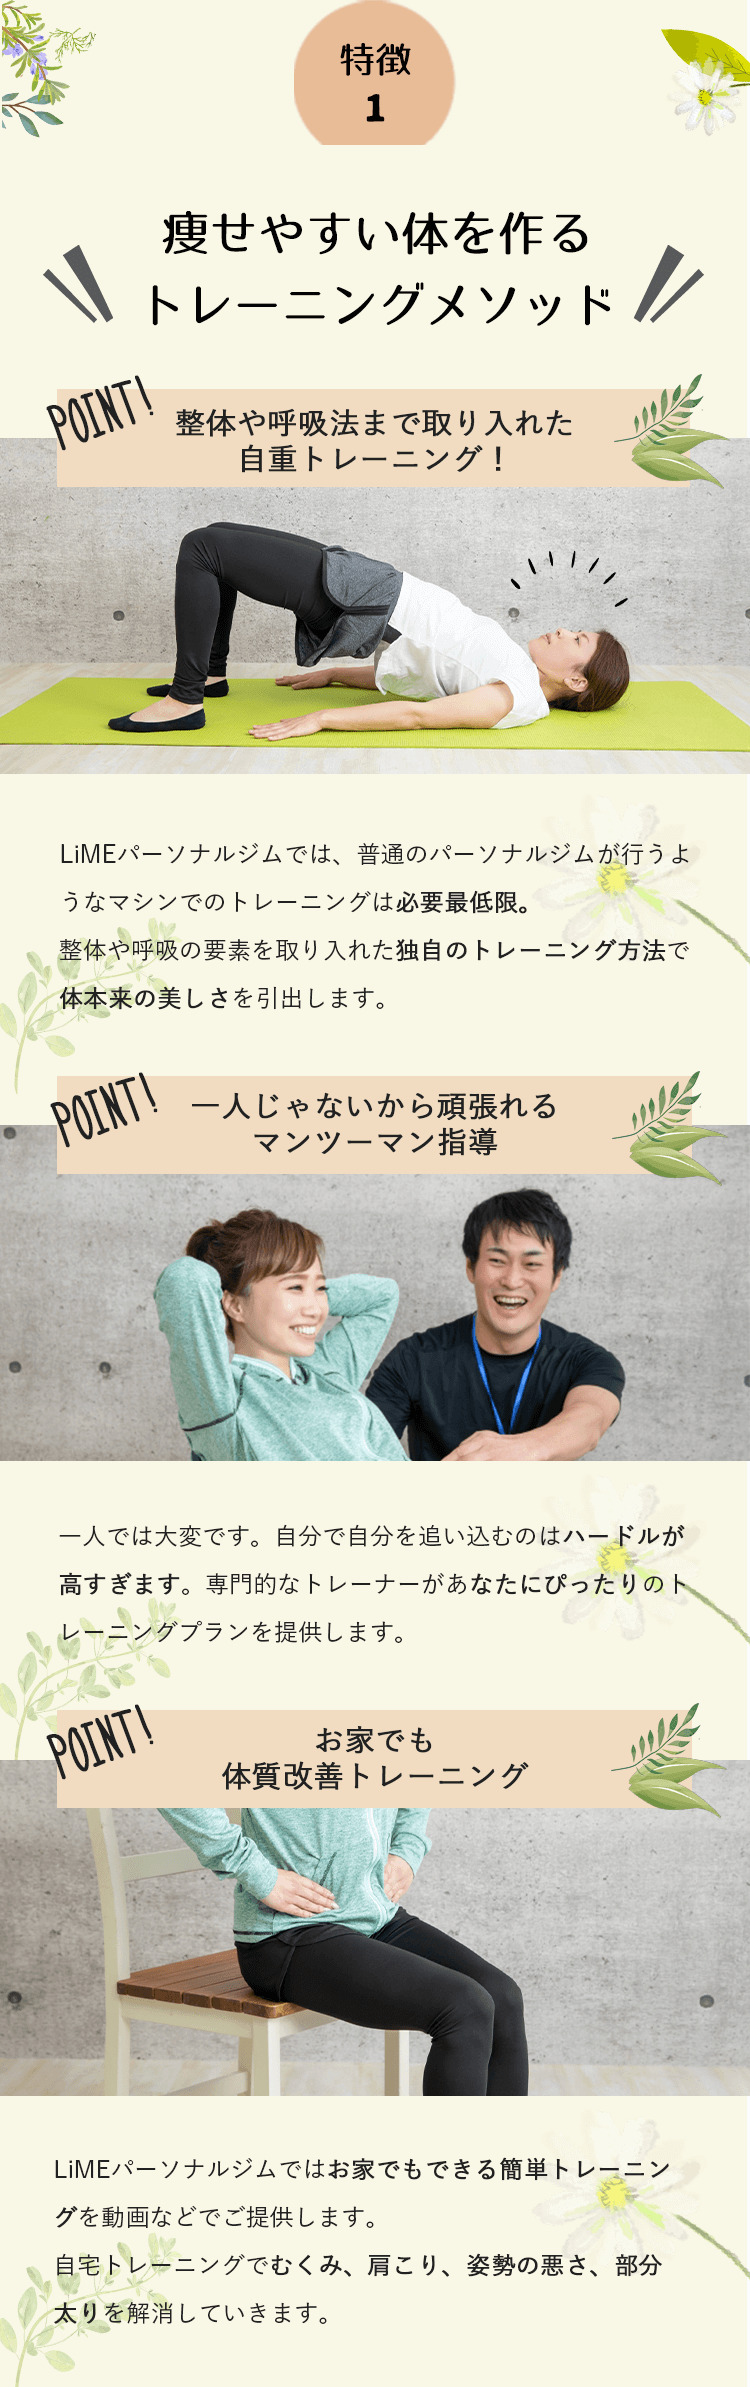 Limeパーソナルトレーニングジムの特徴1 痩せやすい体を作るトレーニングメソッド